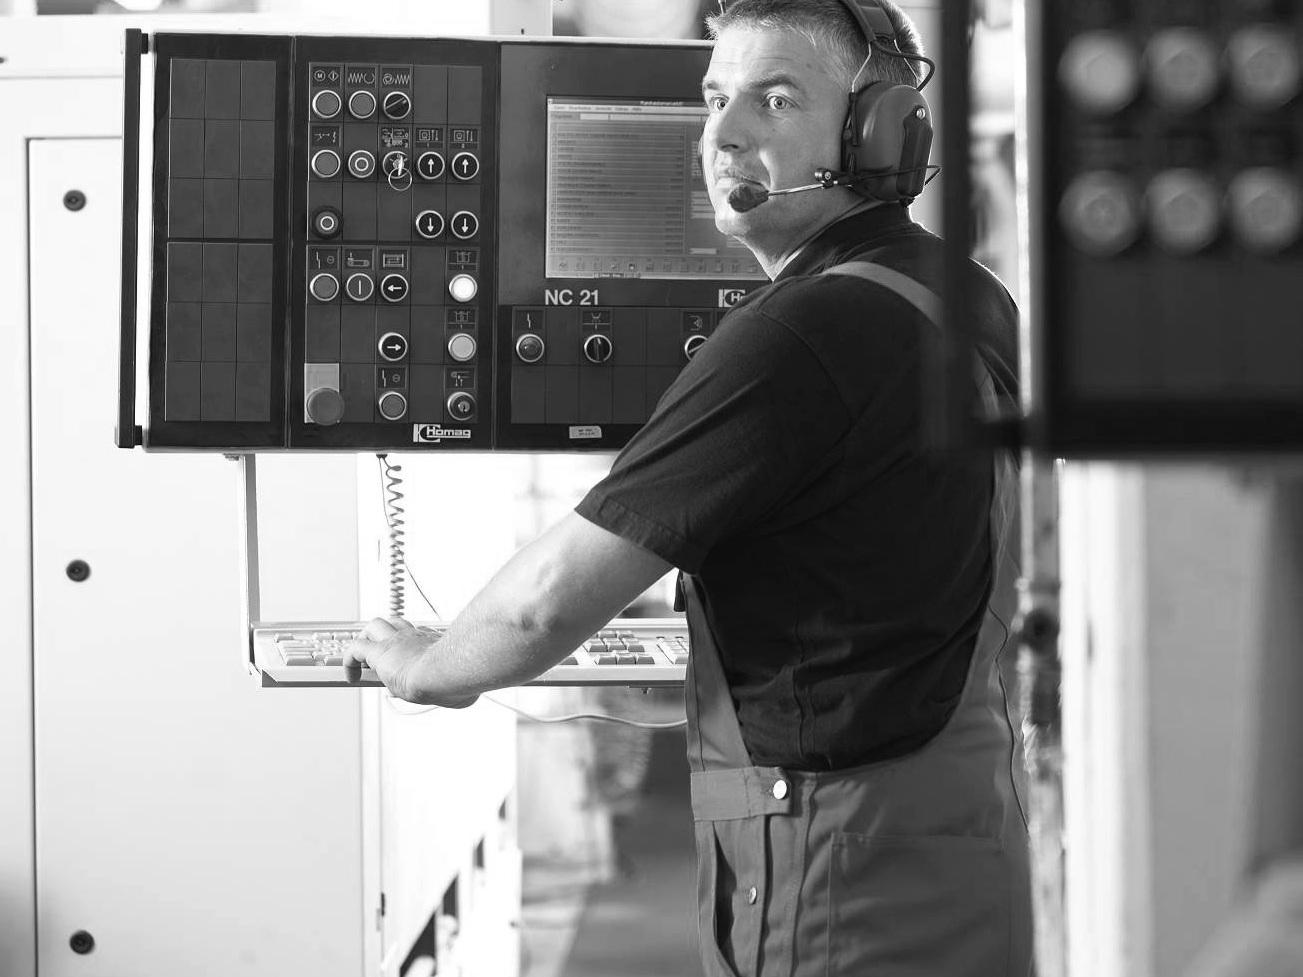 Calidad SieMatic de primera clase, entre otras cosas, por los laboratorios propios, así como por las auditorías internas y externas, realizadas para asegurar la calidad.